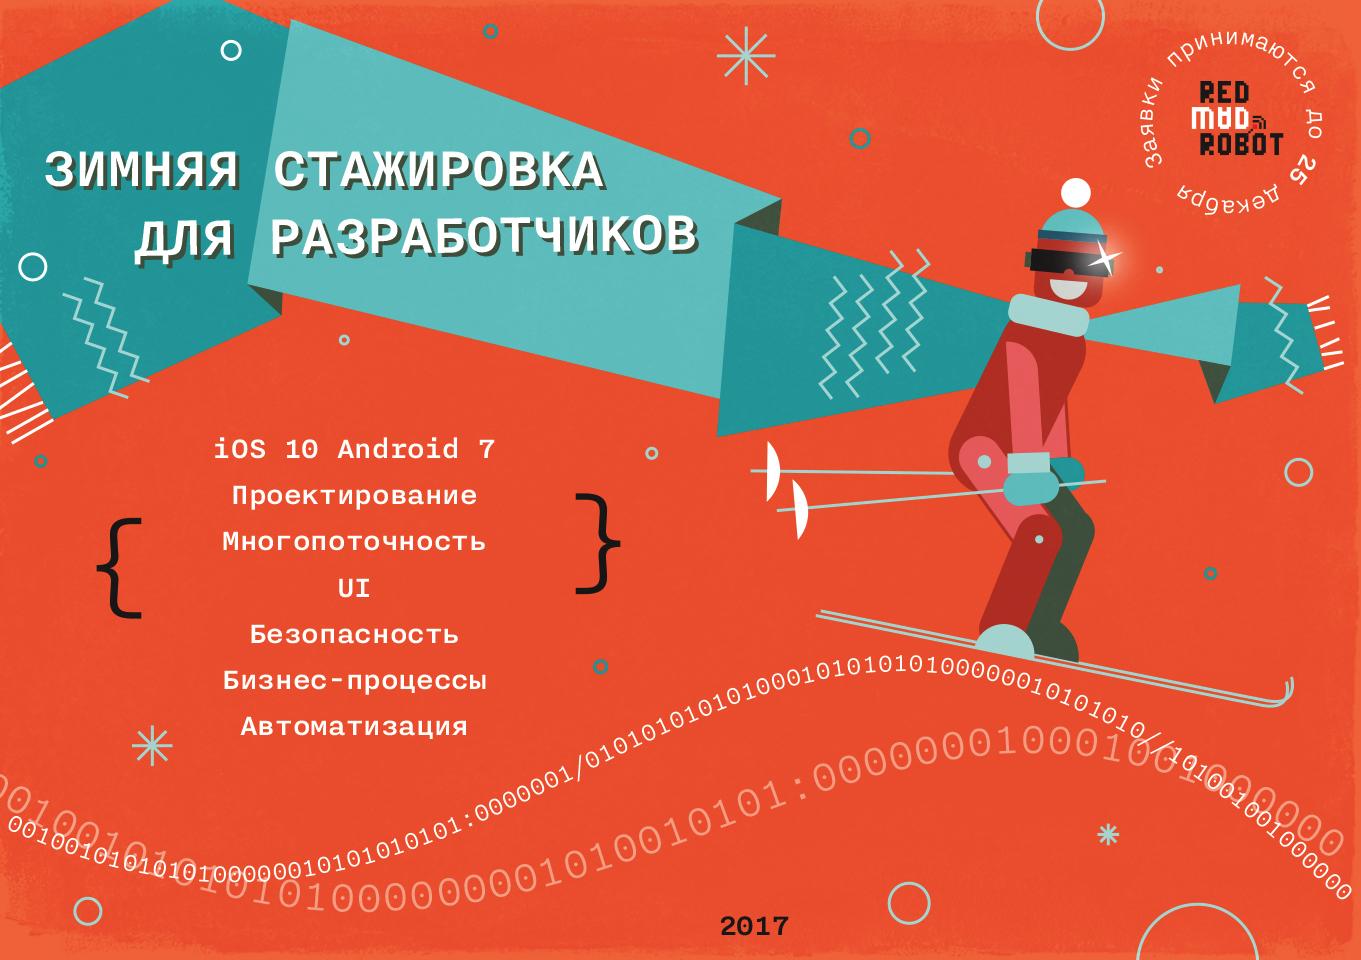 Новая зимняя стажировка для разработчиков в Redmadrobot